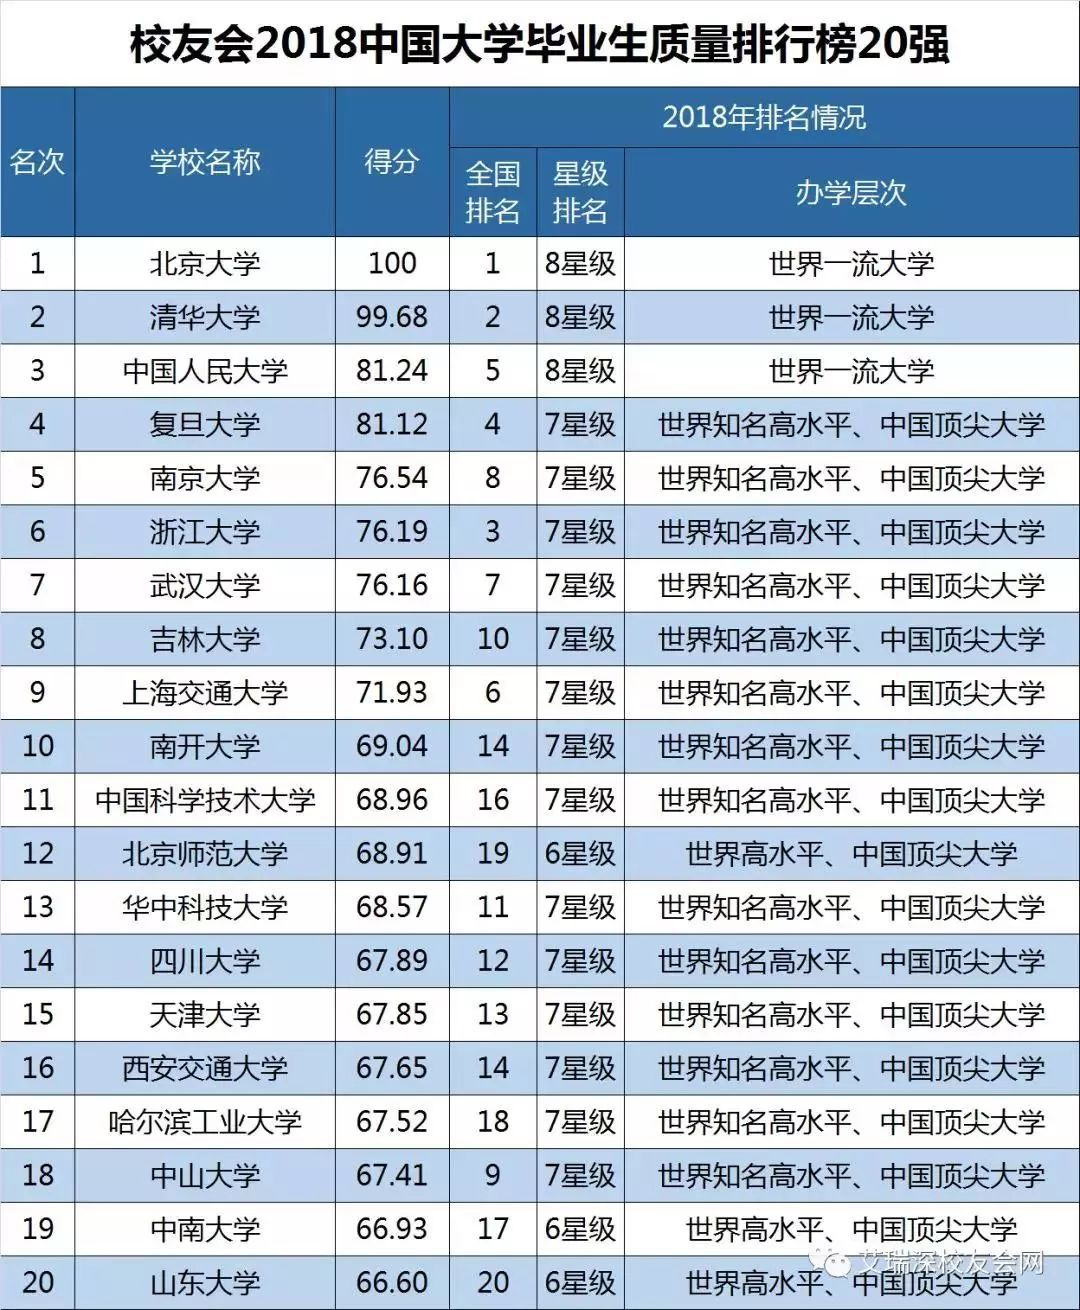 2018年中国大学排行_中国未来教育十大重要趋势 中国最好大学排名遭质